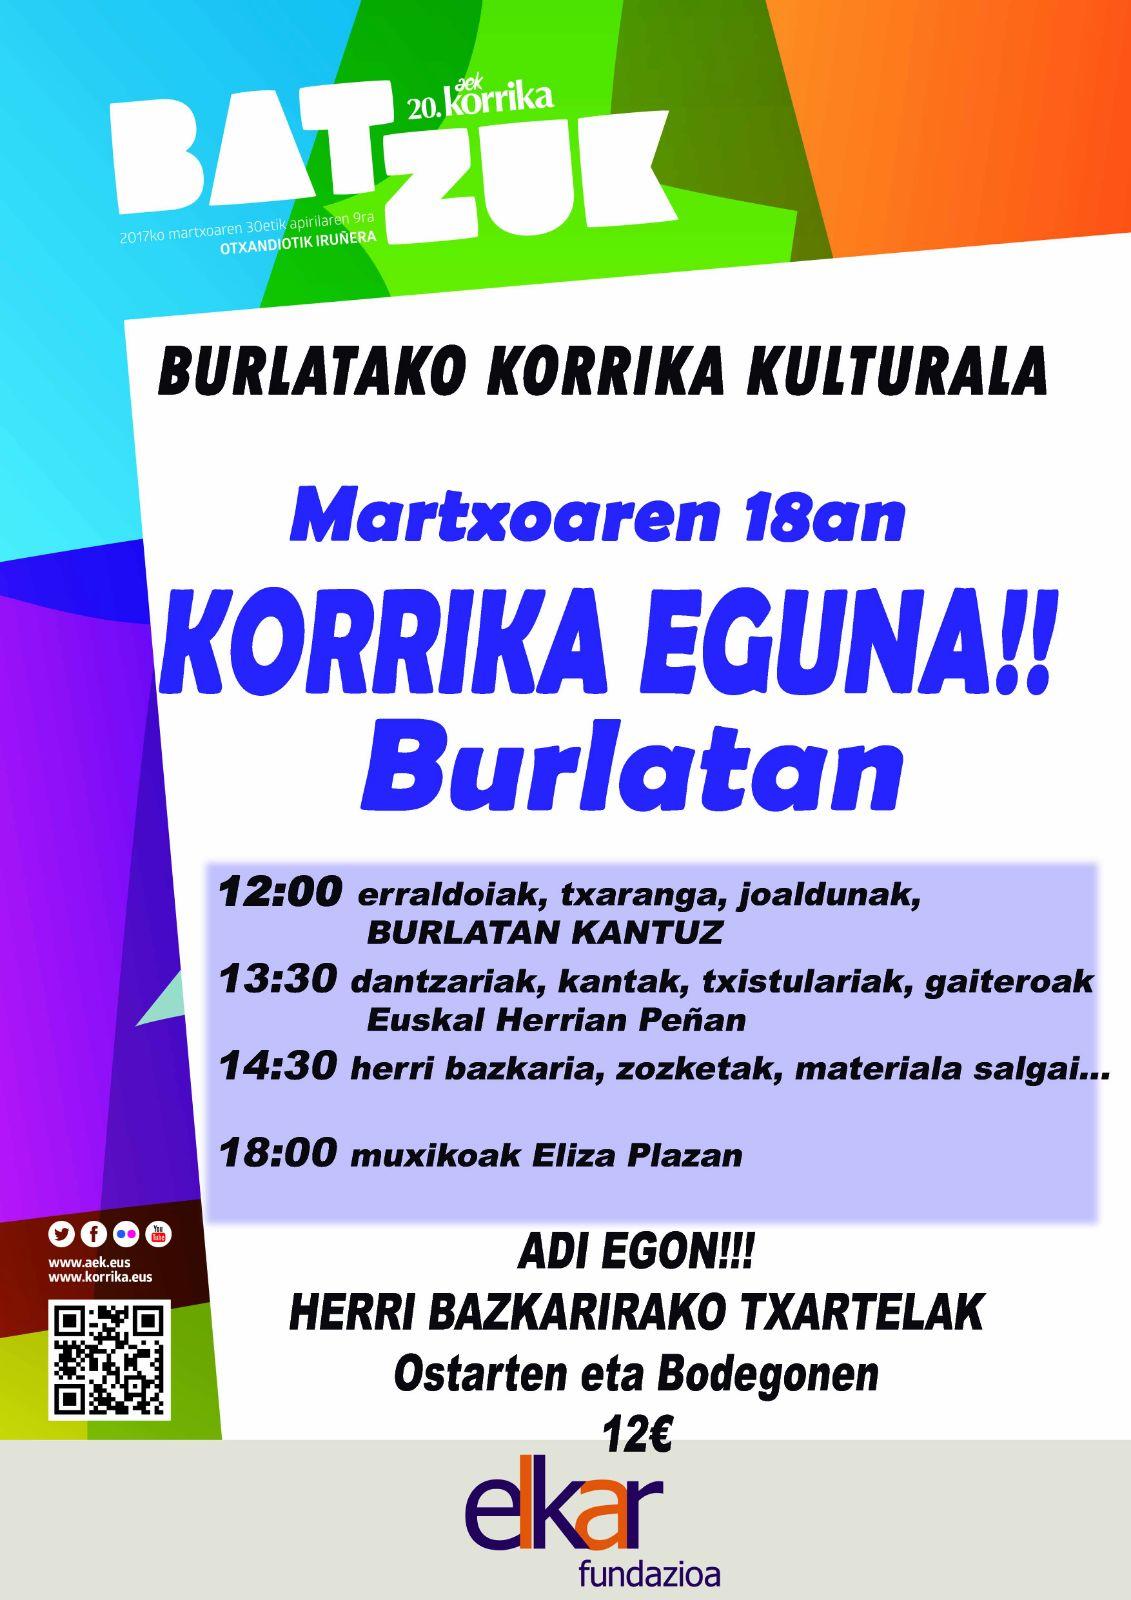 Burlatako Korrika Kulturala @ Burlata